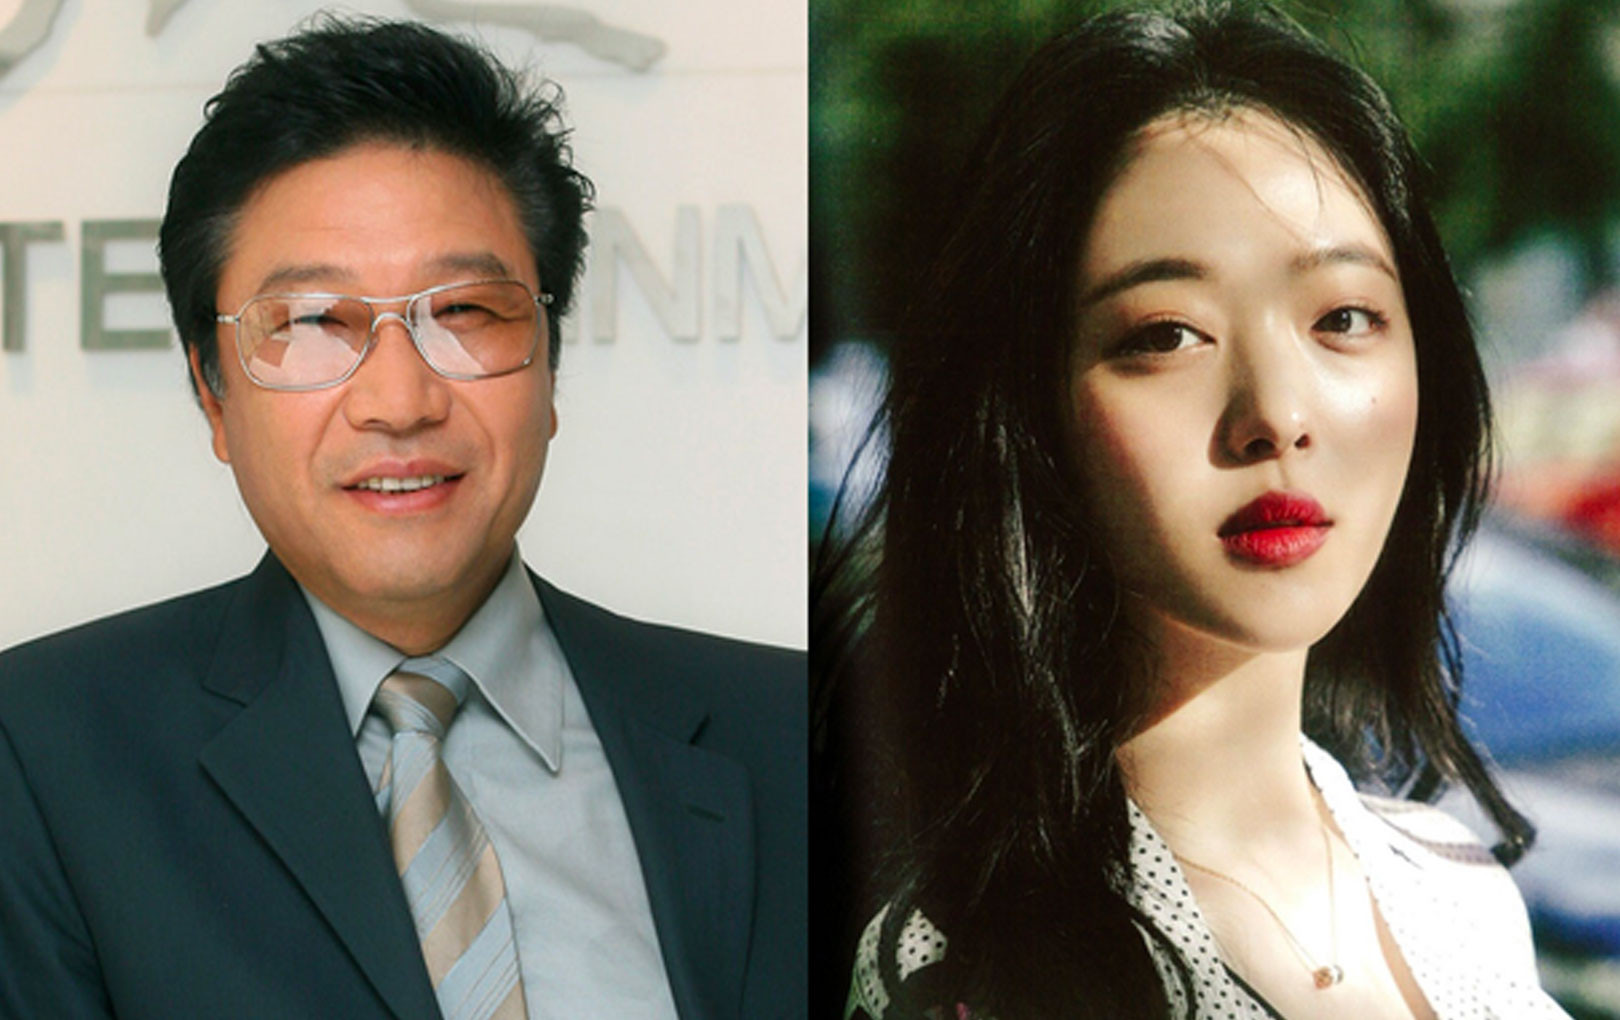 Lee Soo Man bị chỉ trích khi không dự đám tang Sulli, netizen Việt bảo vệ: Không phải đợi đến lúc rời đi mới bắt đầu yêu thương!